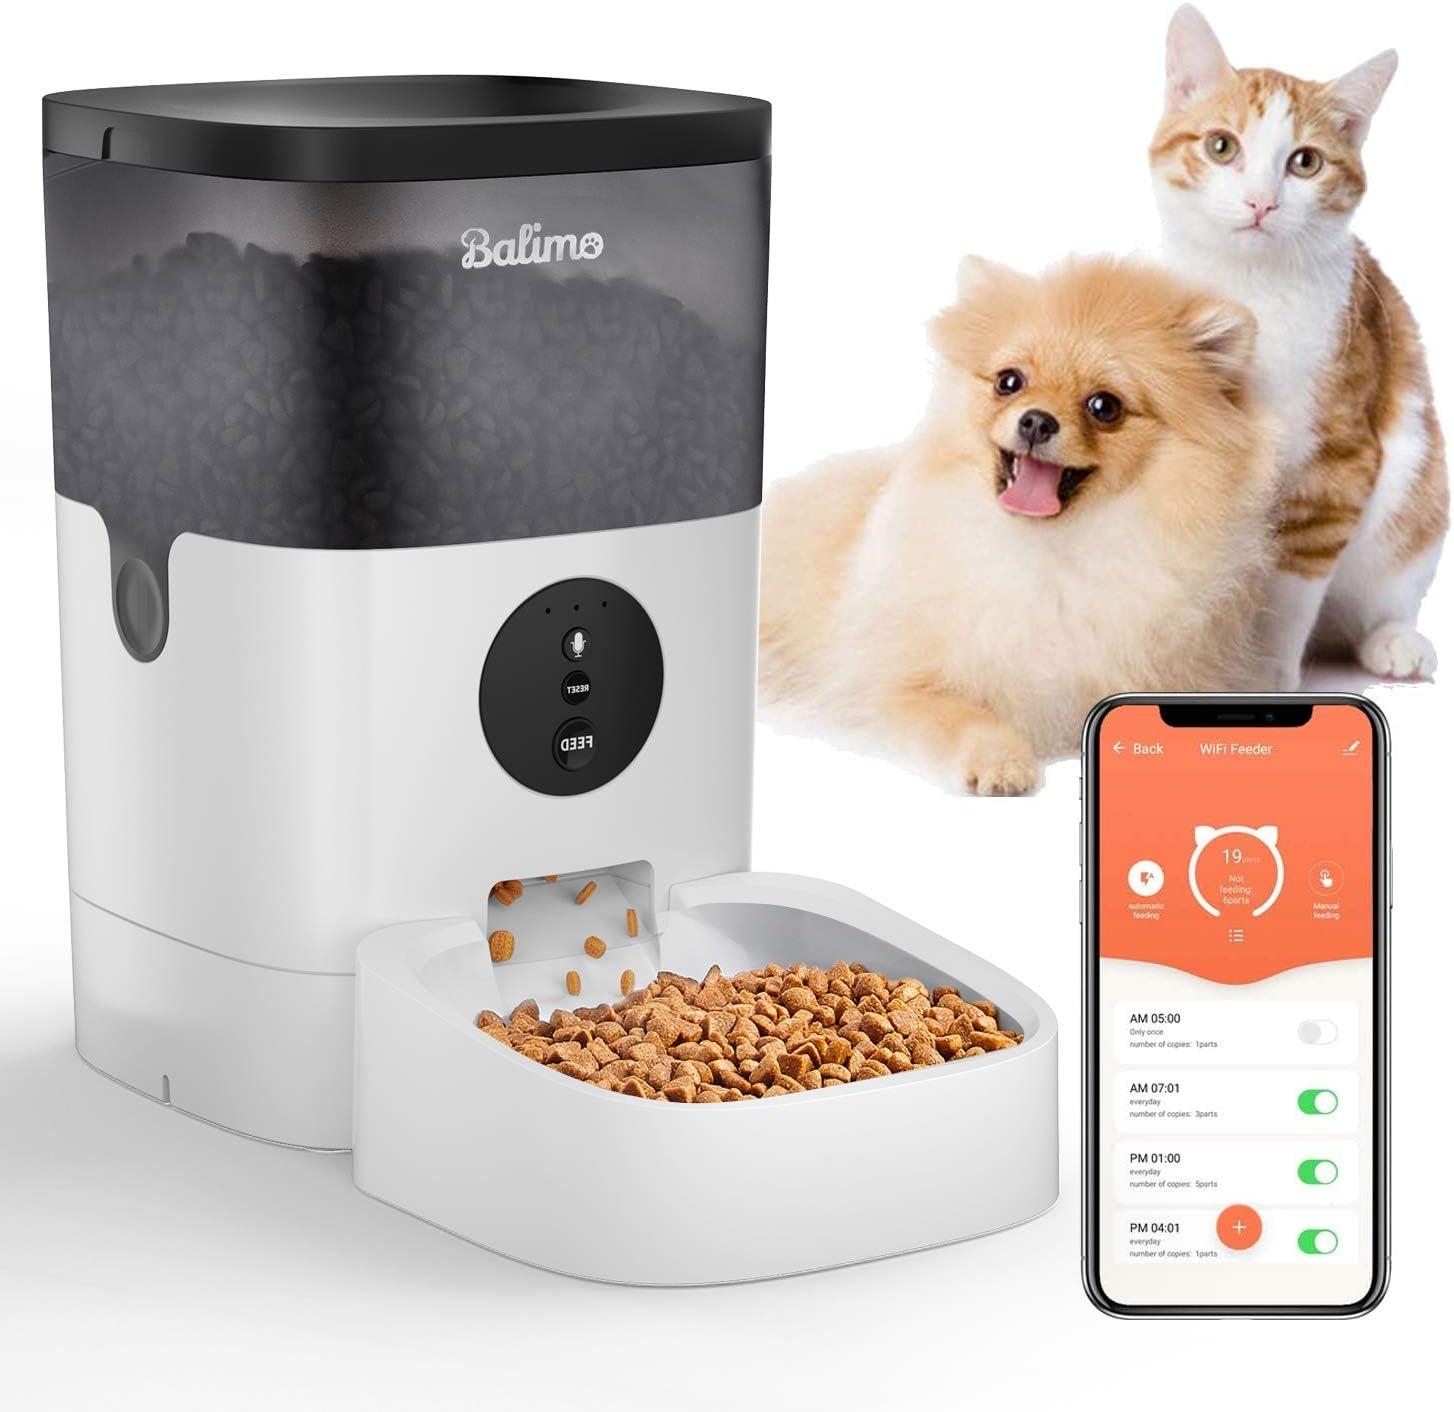 Balimo 4L 2.4G WiFi Comedero automatico gatos y perros con 10S función de grabación de sonido con temporizador y control remoto de la aplicación